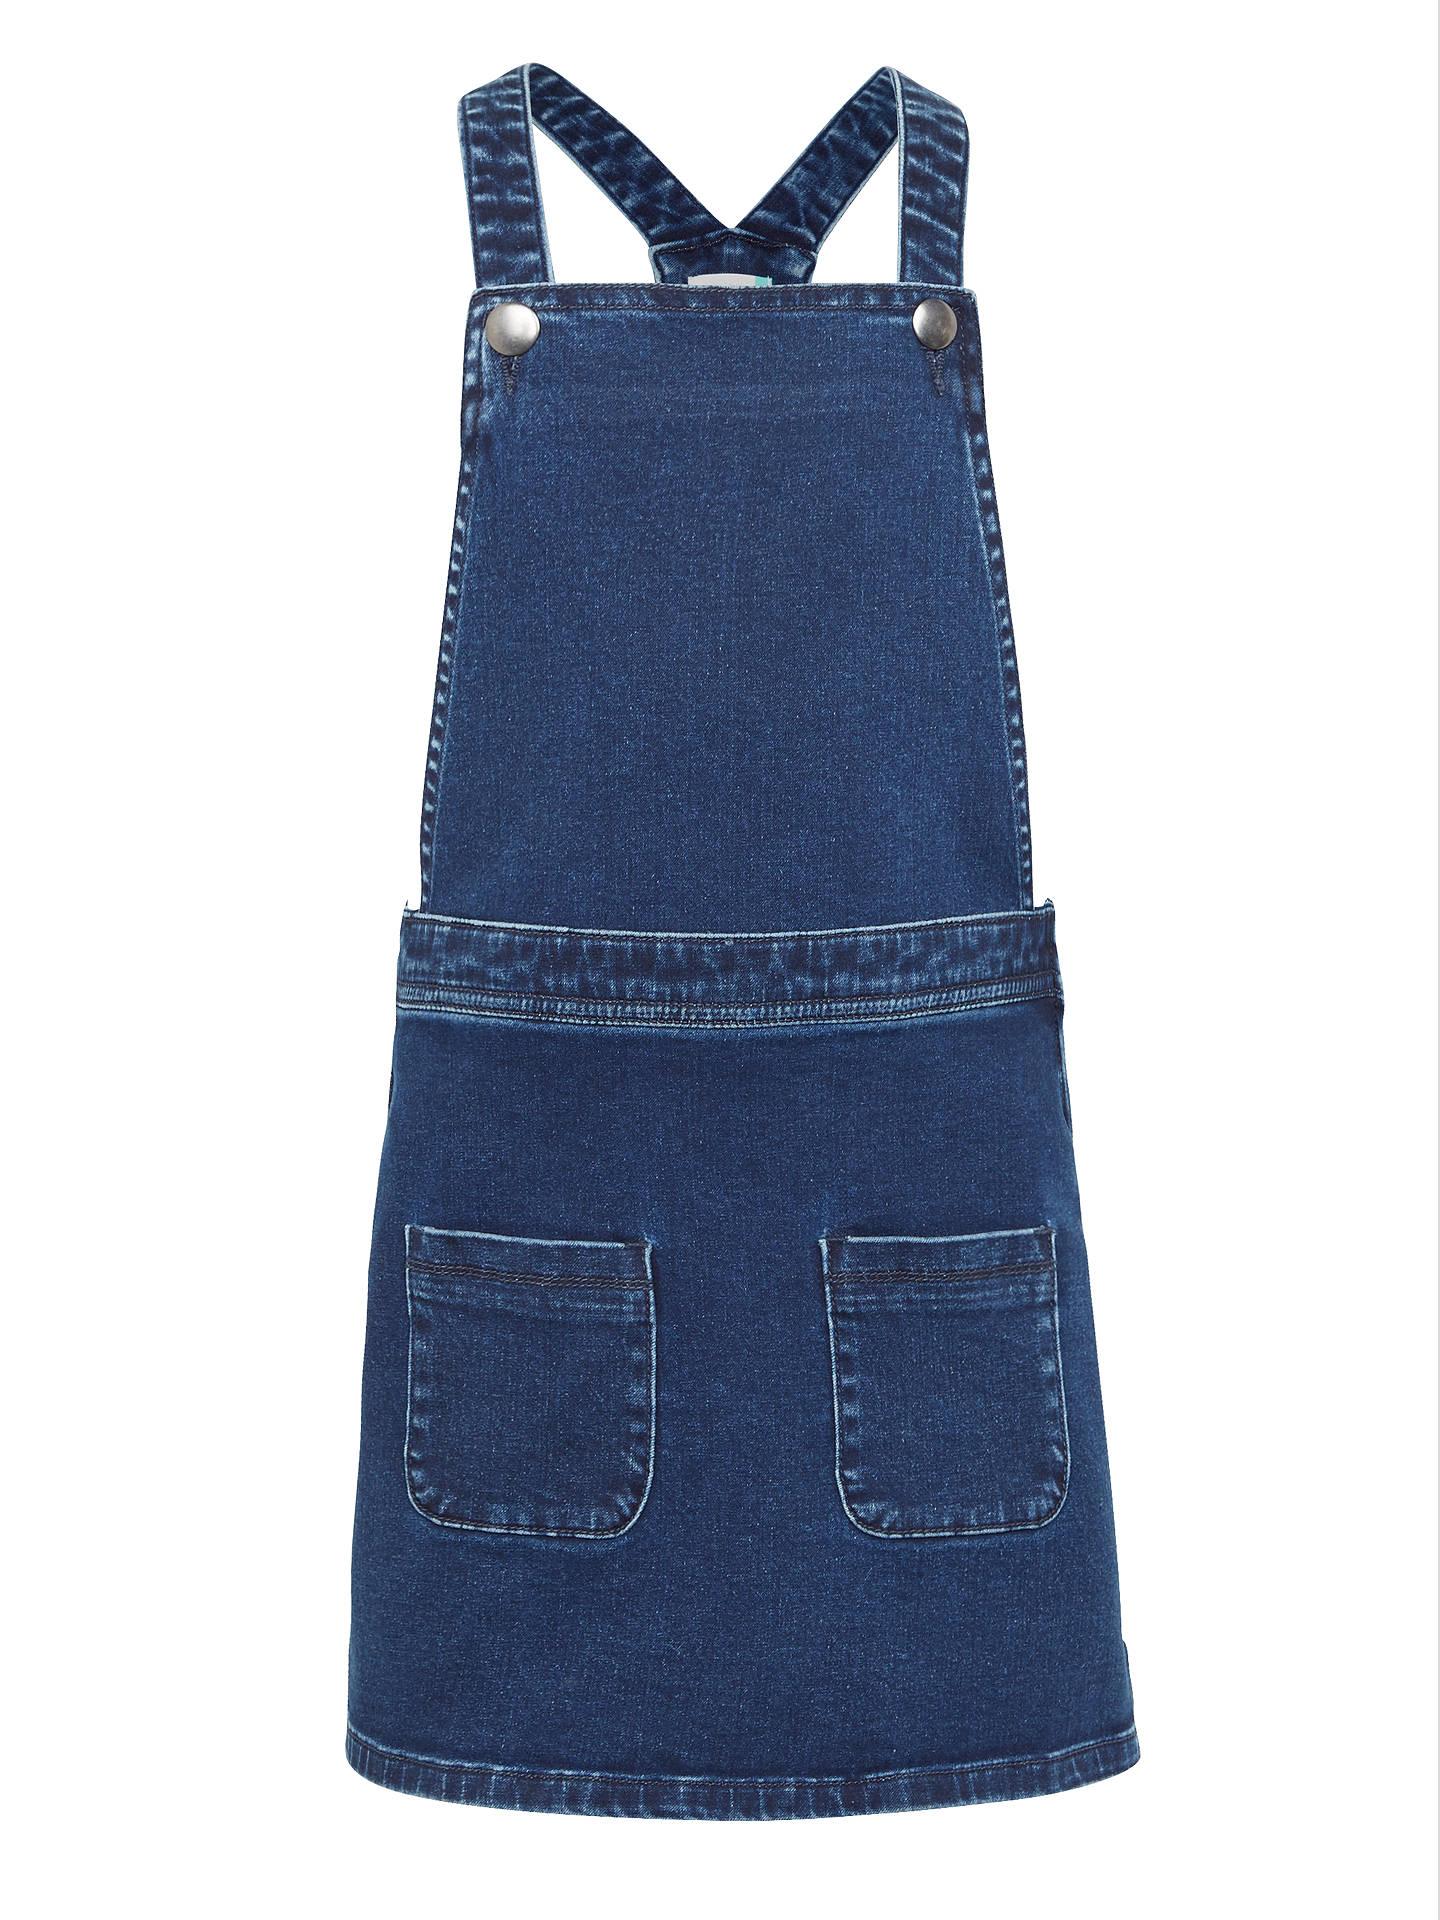 68ad6ccbdb83 Buy John Lewis Girls' Denim Pinafore Dress, Blue, 2 years Online at  johnlewis ...